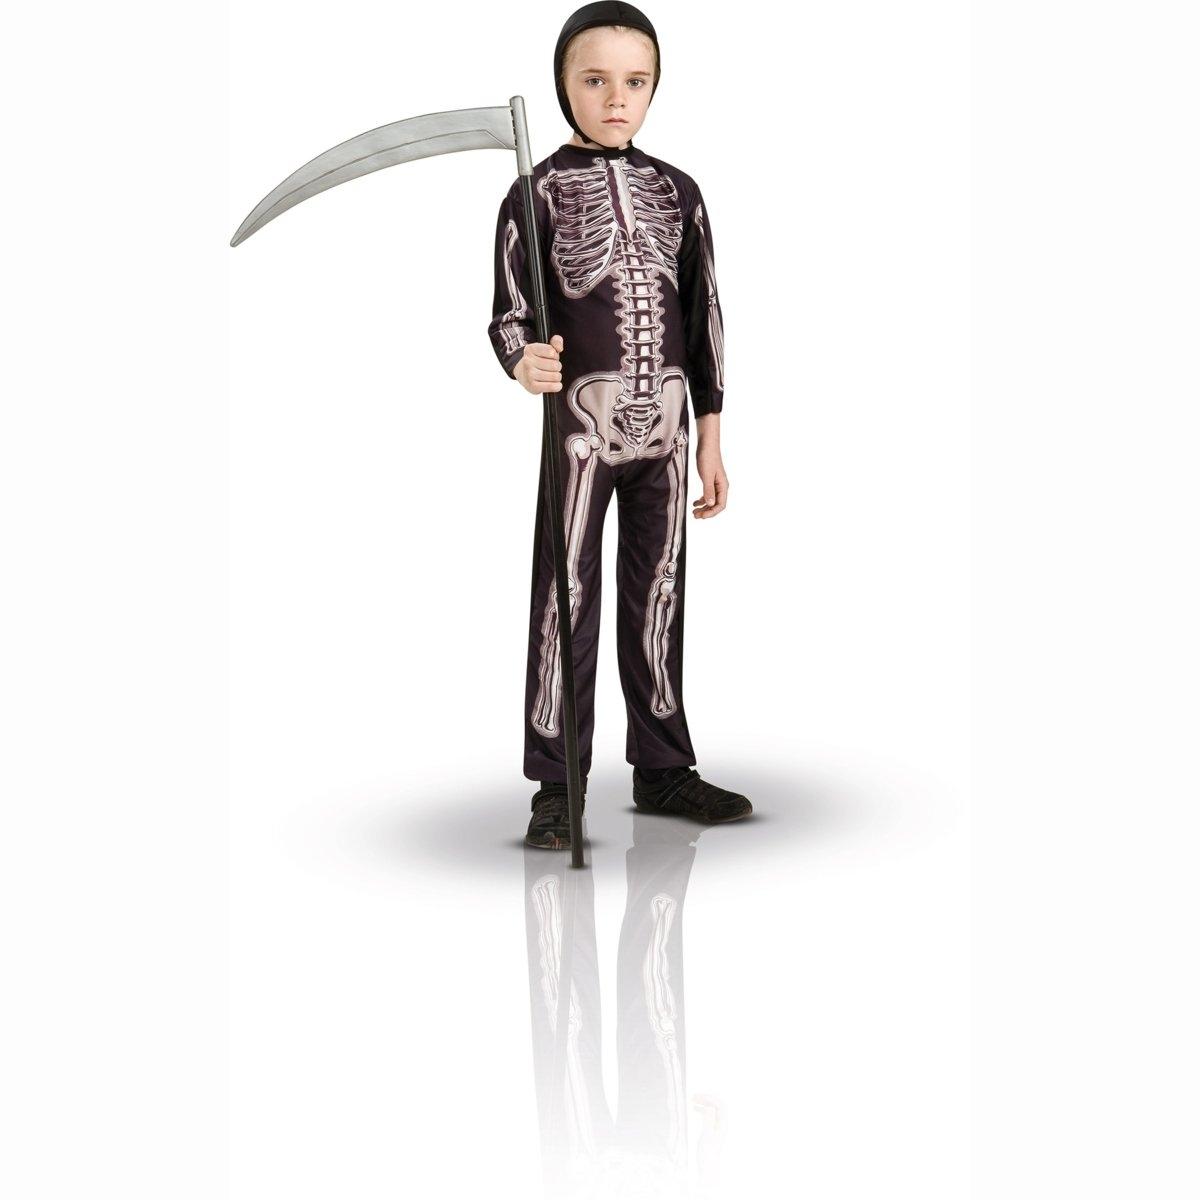 Маскарадный костюм скелетМаскарадный костюм скелет. Комбинезон без застёжки с рисунком скелет, чёрный капюшон. 100% полиэстераS: соответствует размеру на  3-4 года. M: соответствует размеру на  5-6 лет. L: соответствует размеру на  7-8 лет<br><br>Цвет: набивной рисунок<br>Размер: M